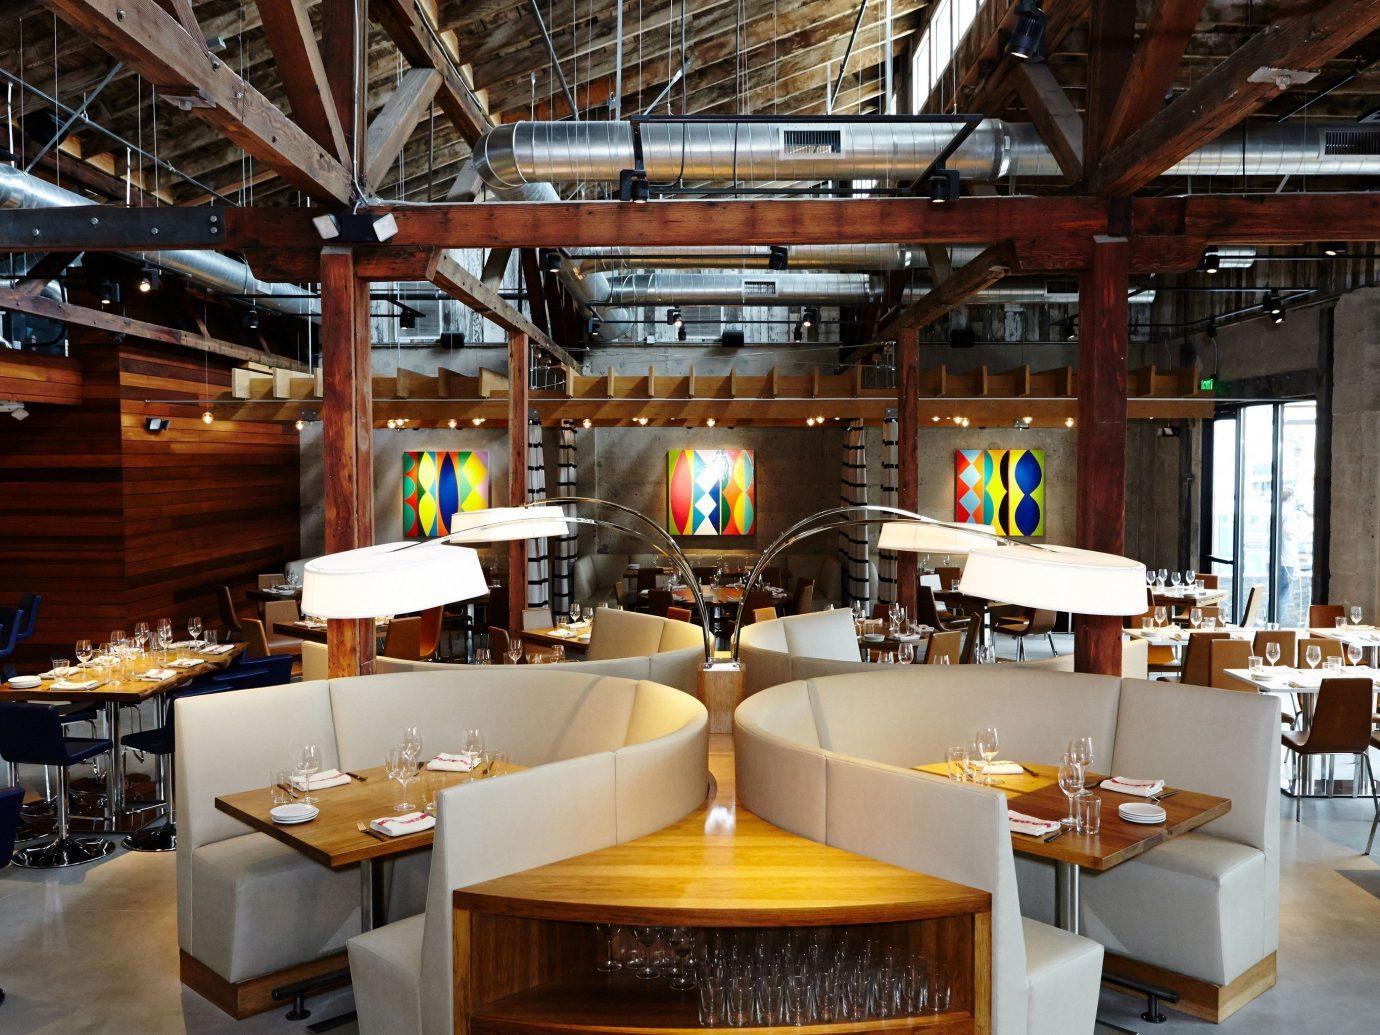 Hotels indoor table ceiling room restaurant interior design estate meal café Design